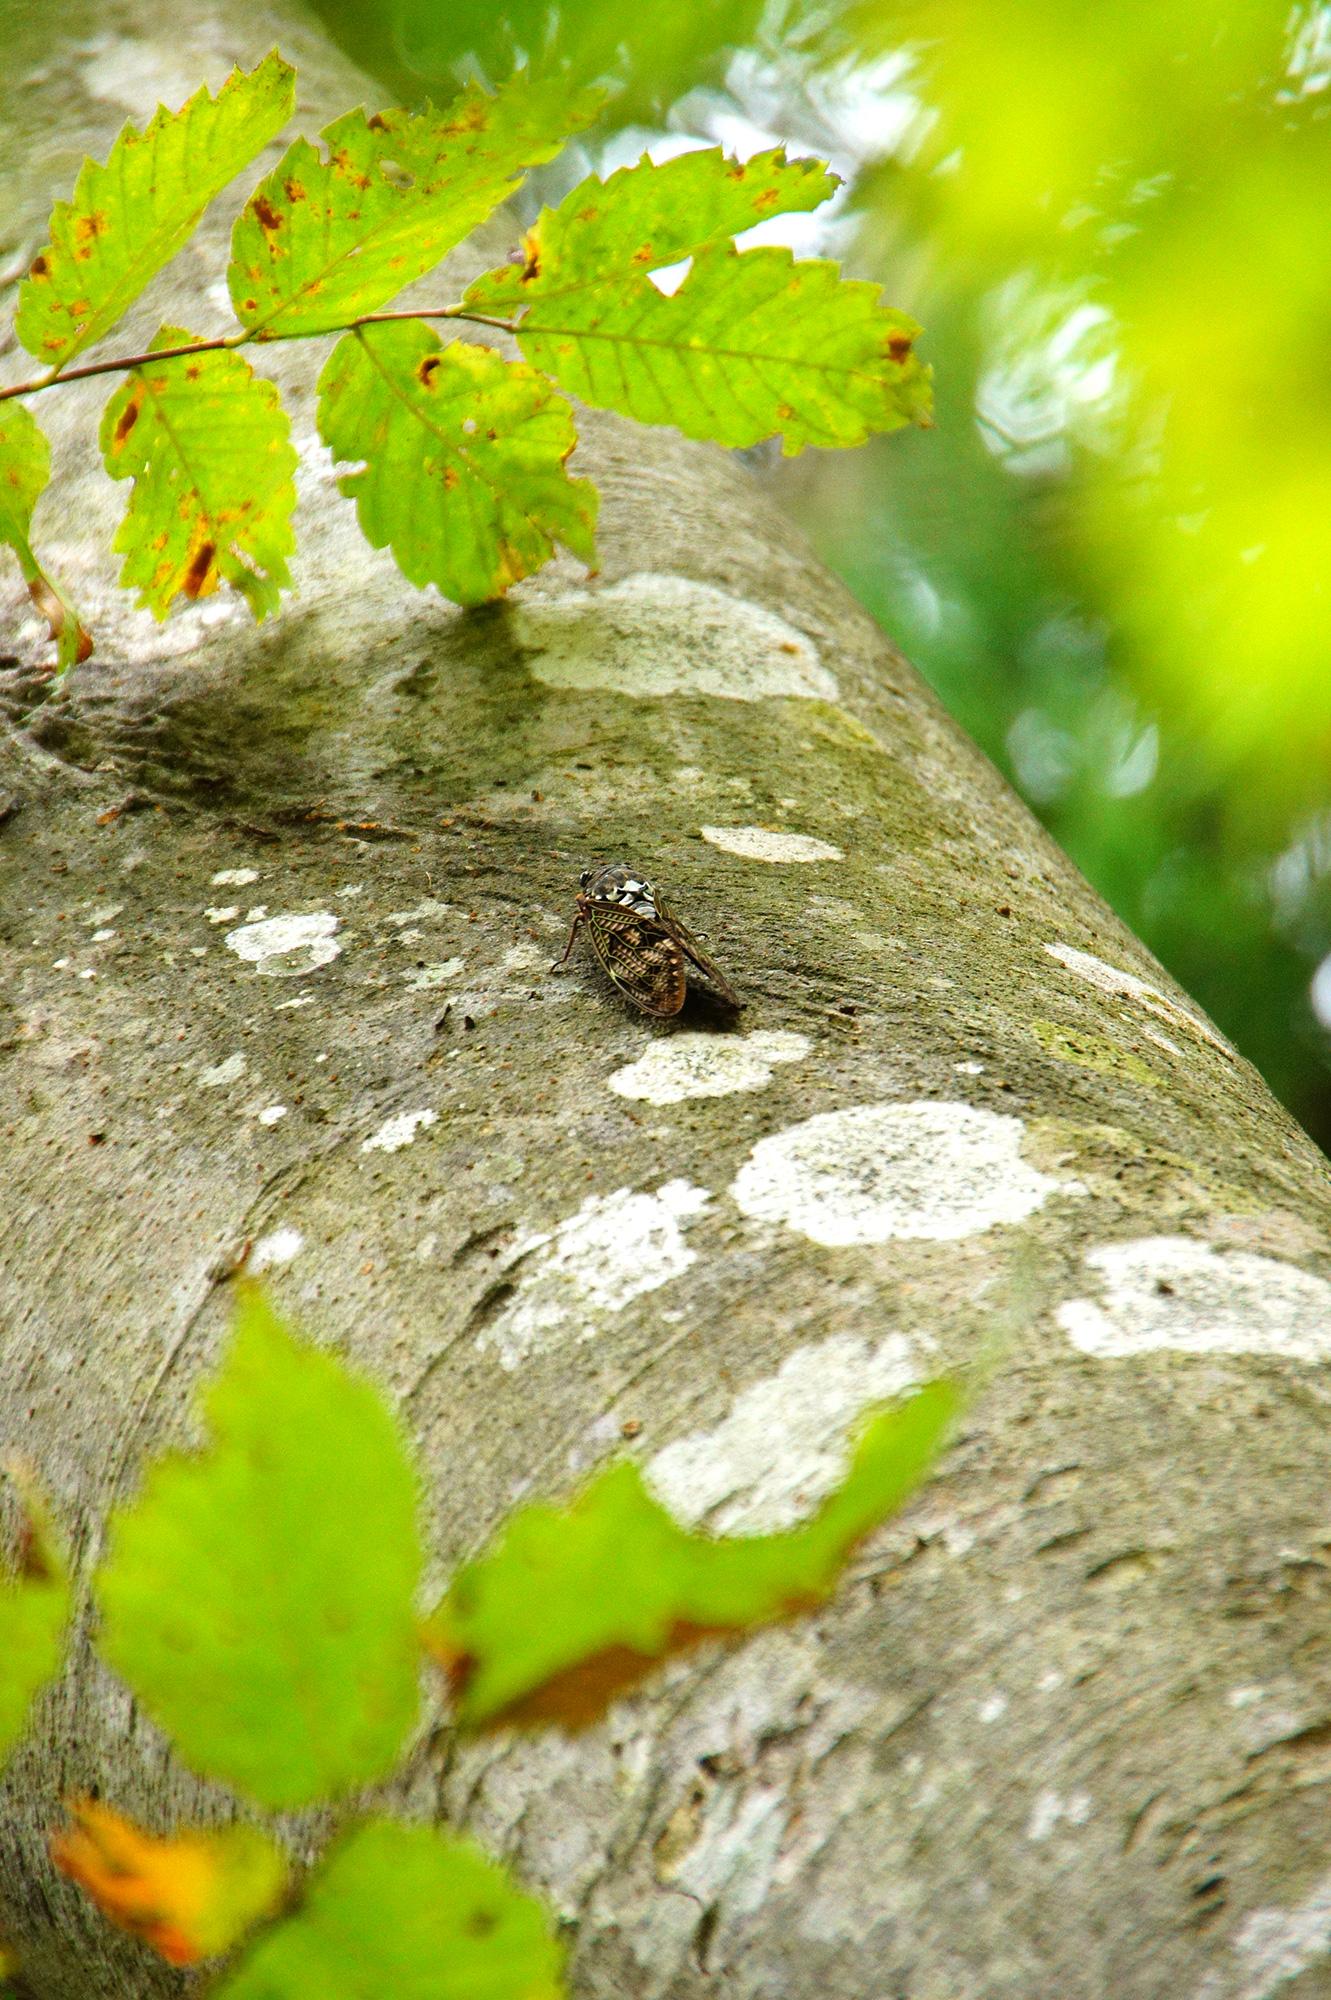 夏の昆虫の蝉の写真素材(フリー)